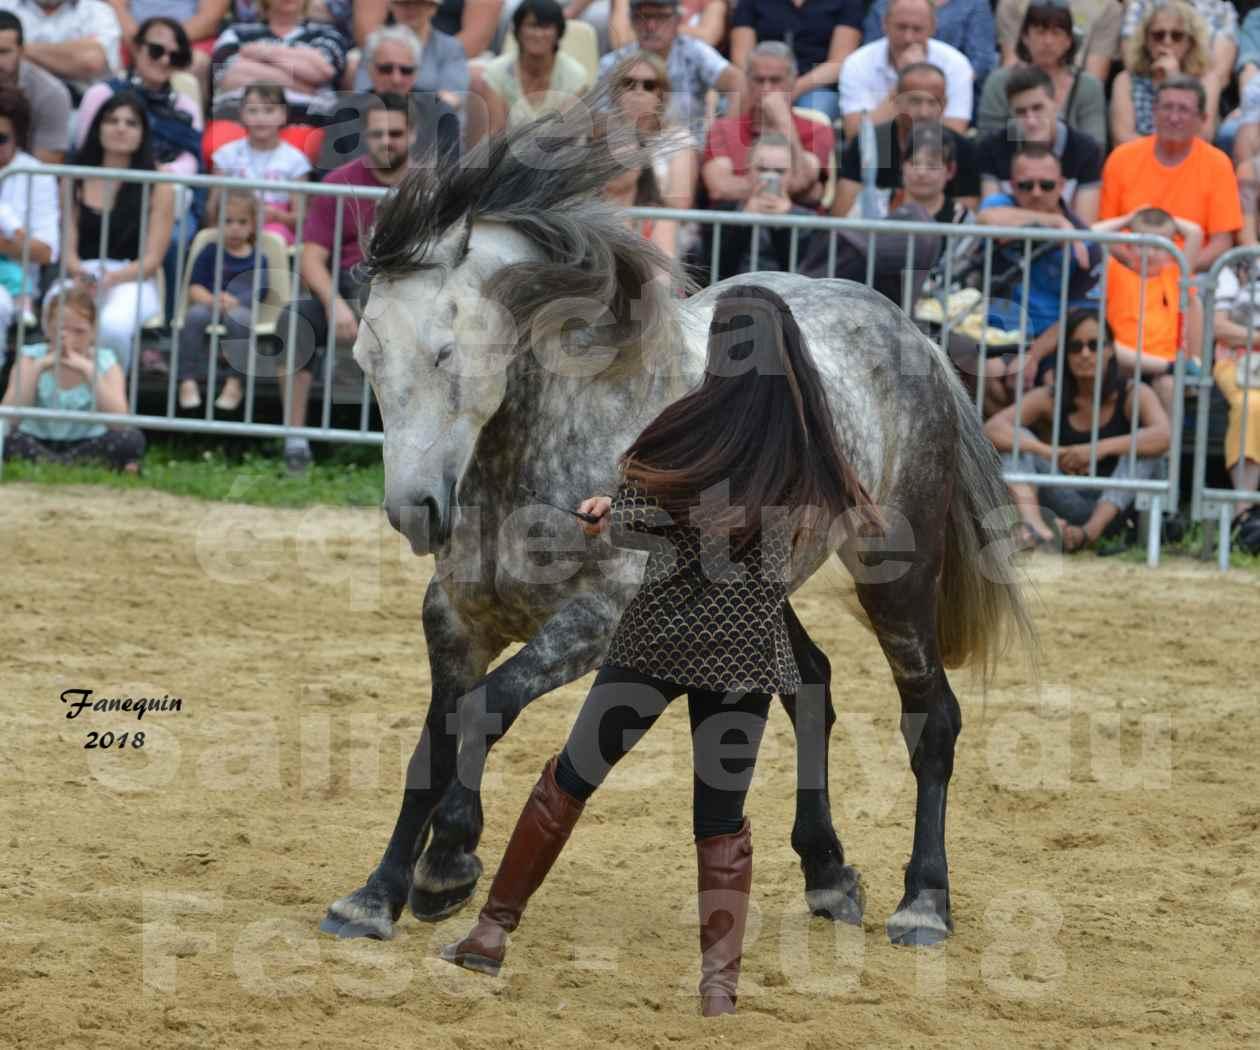 Spectacle Équestre le 3 juin 2018 à Saint Gély du Fesc - 5 chevaux en liberté - Anne Gaëlle BERTHO - 01